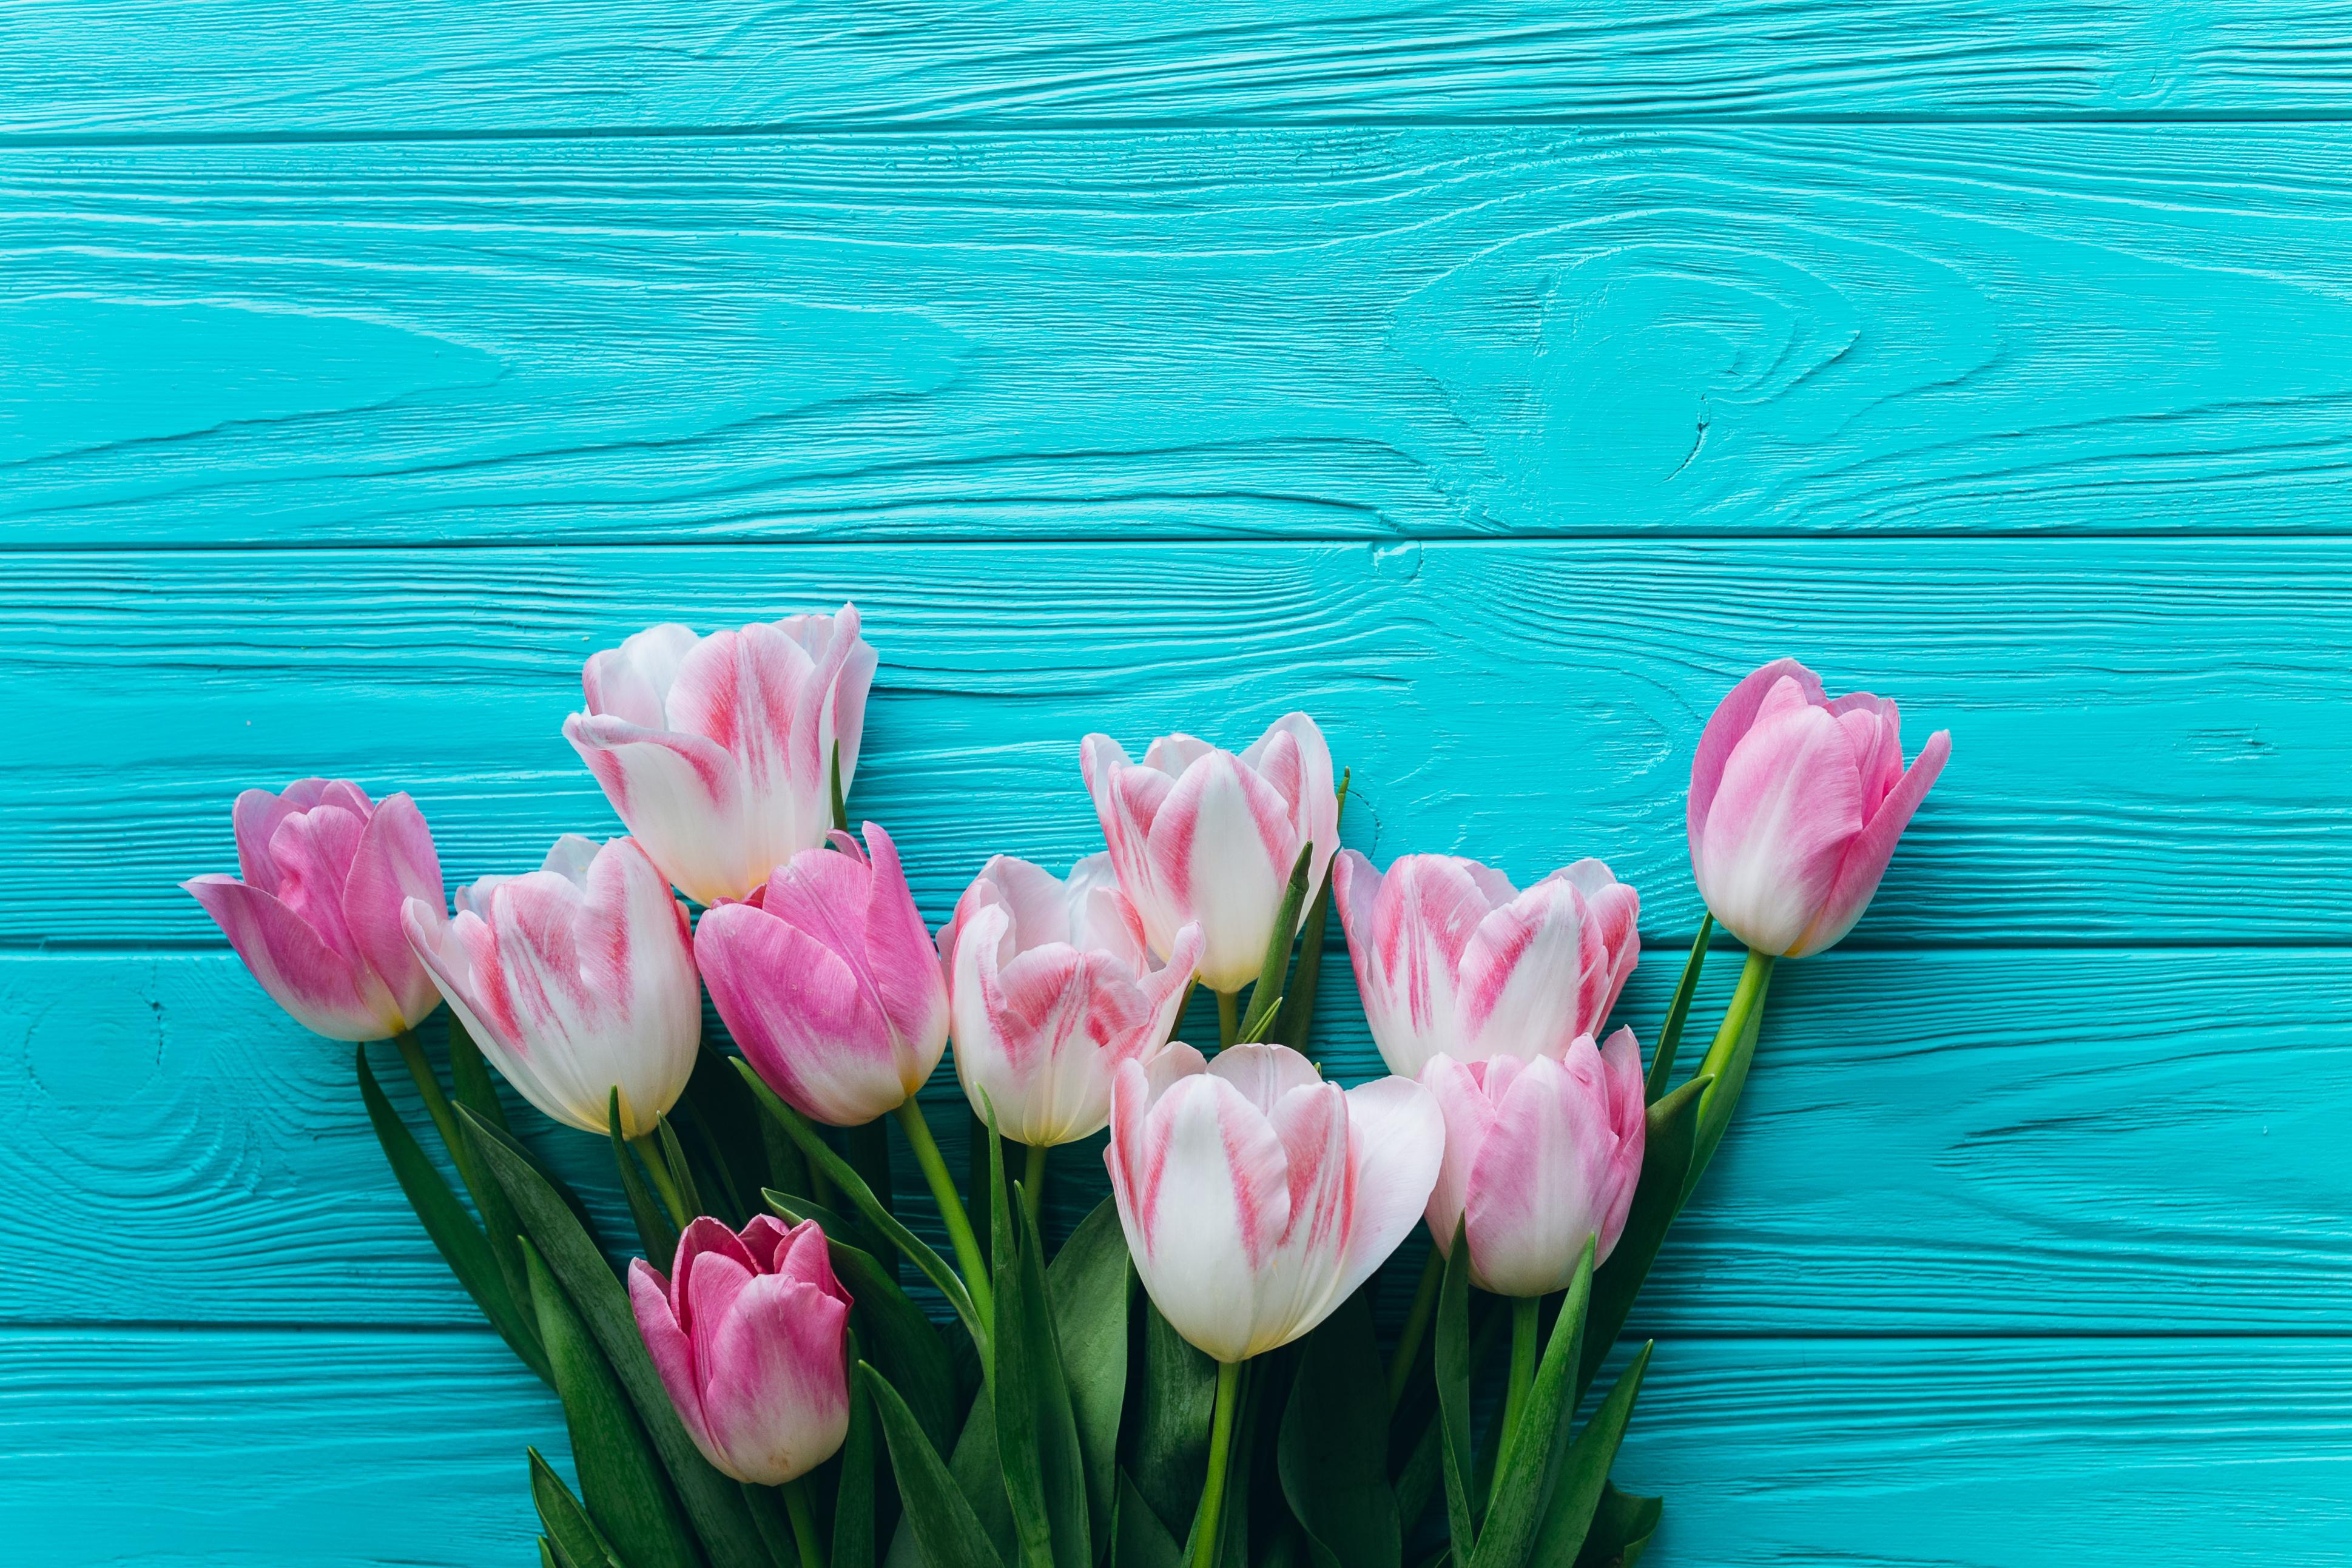 розовые цветы на голубом фоне фото легко незаметно